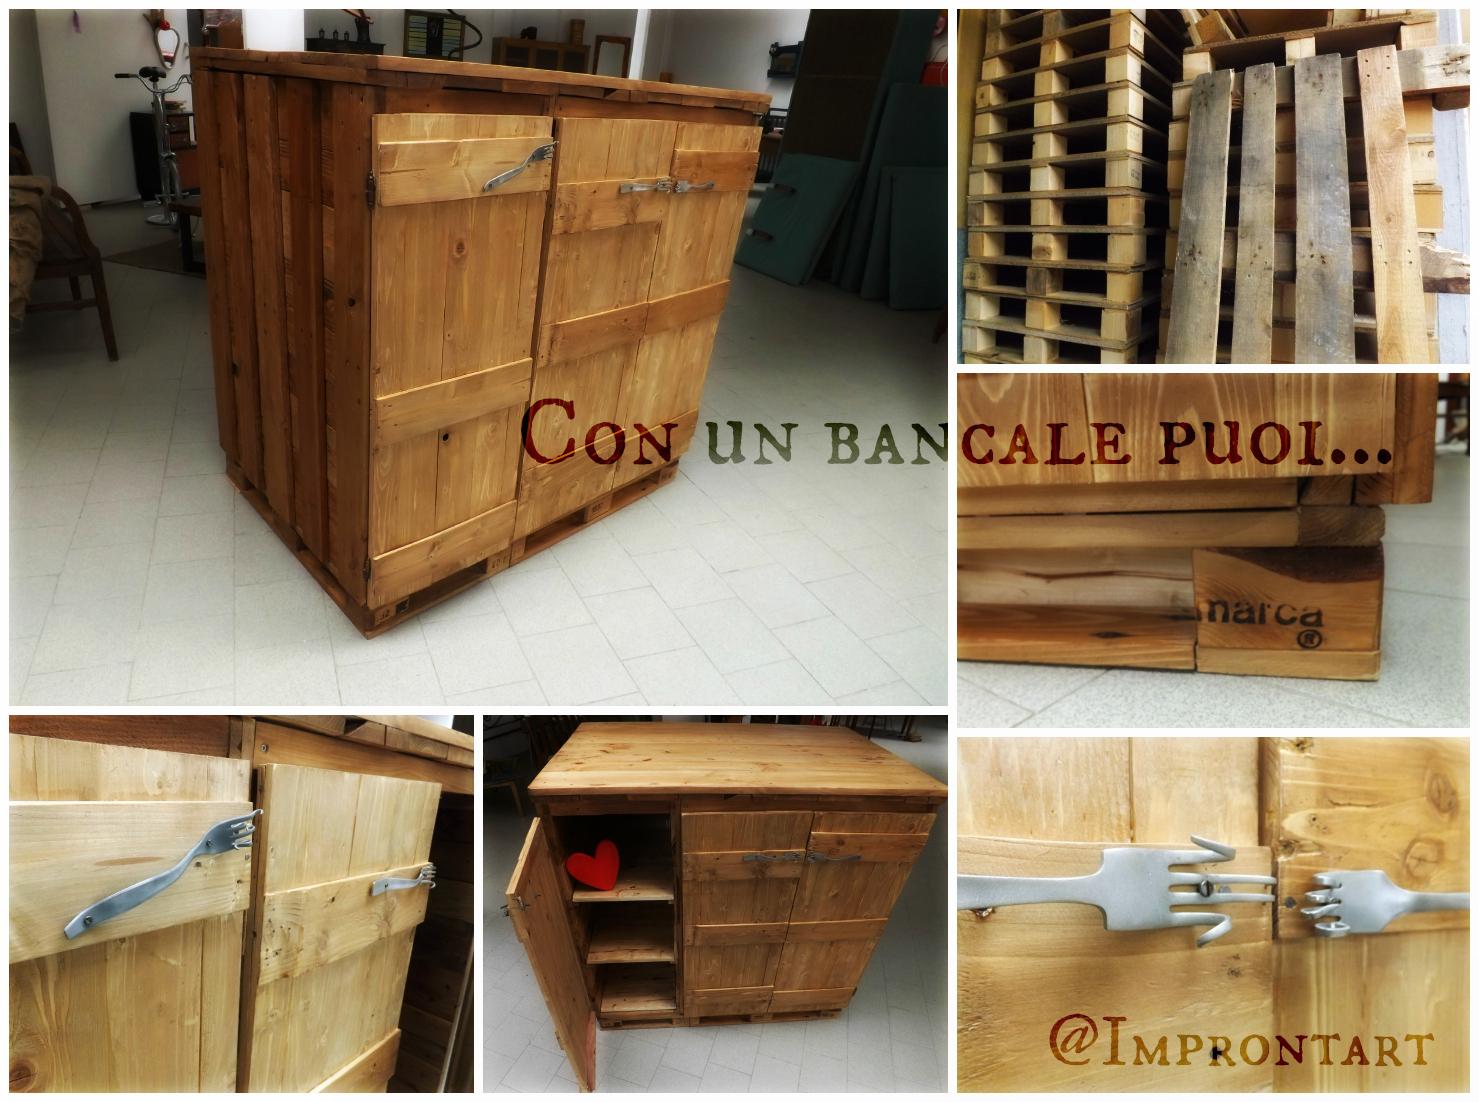 Improntart con un bancale puoi - Costruire un mobile in legno ...